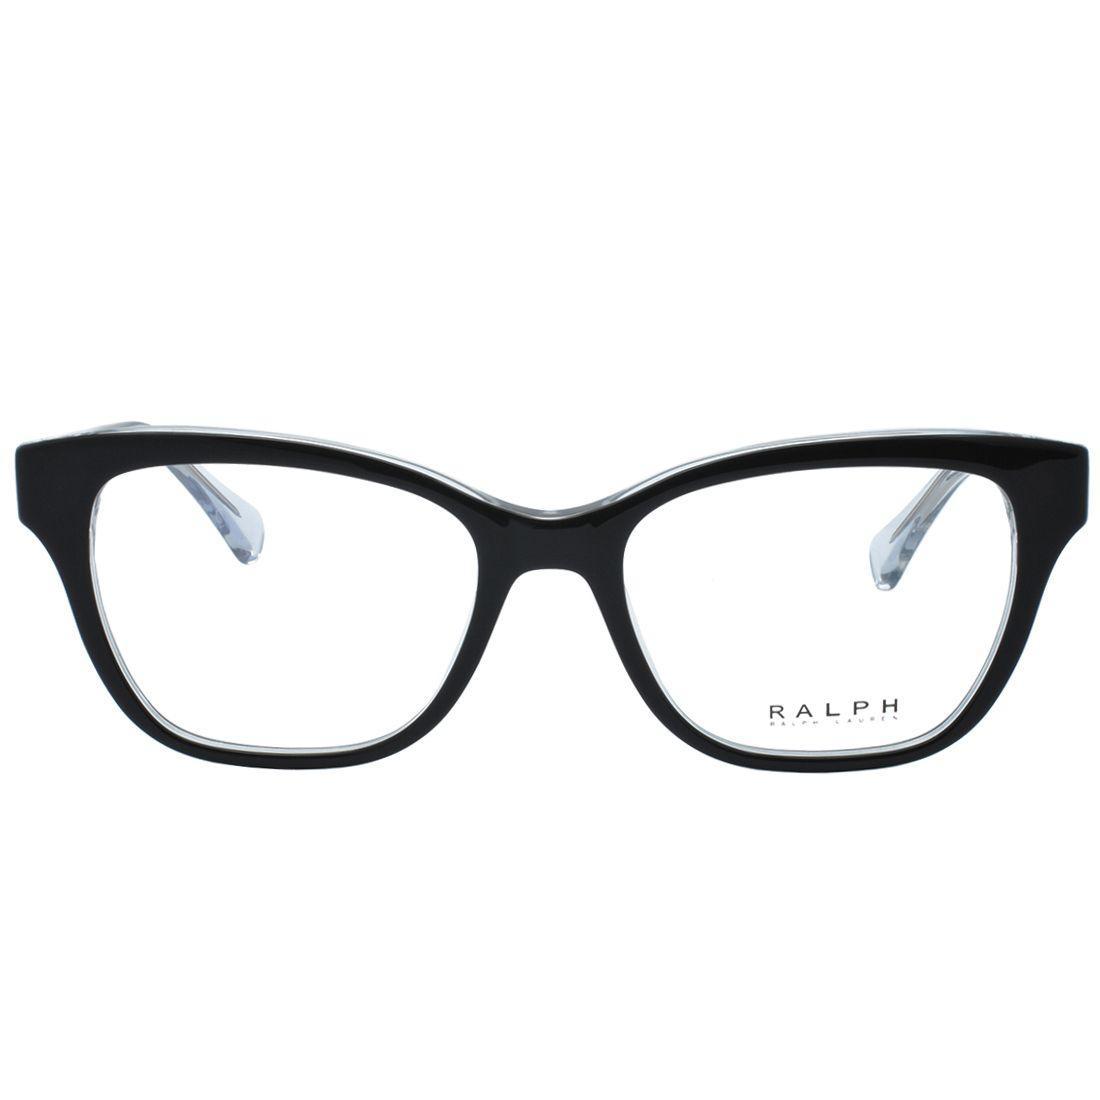 8e653384cd663 Óculos de Grau Ralph Feminino RA7099 5695 - Acetato Preto e Transparente -  Ralph lauren R  422